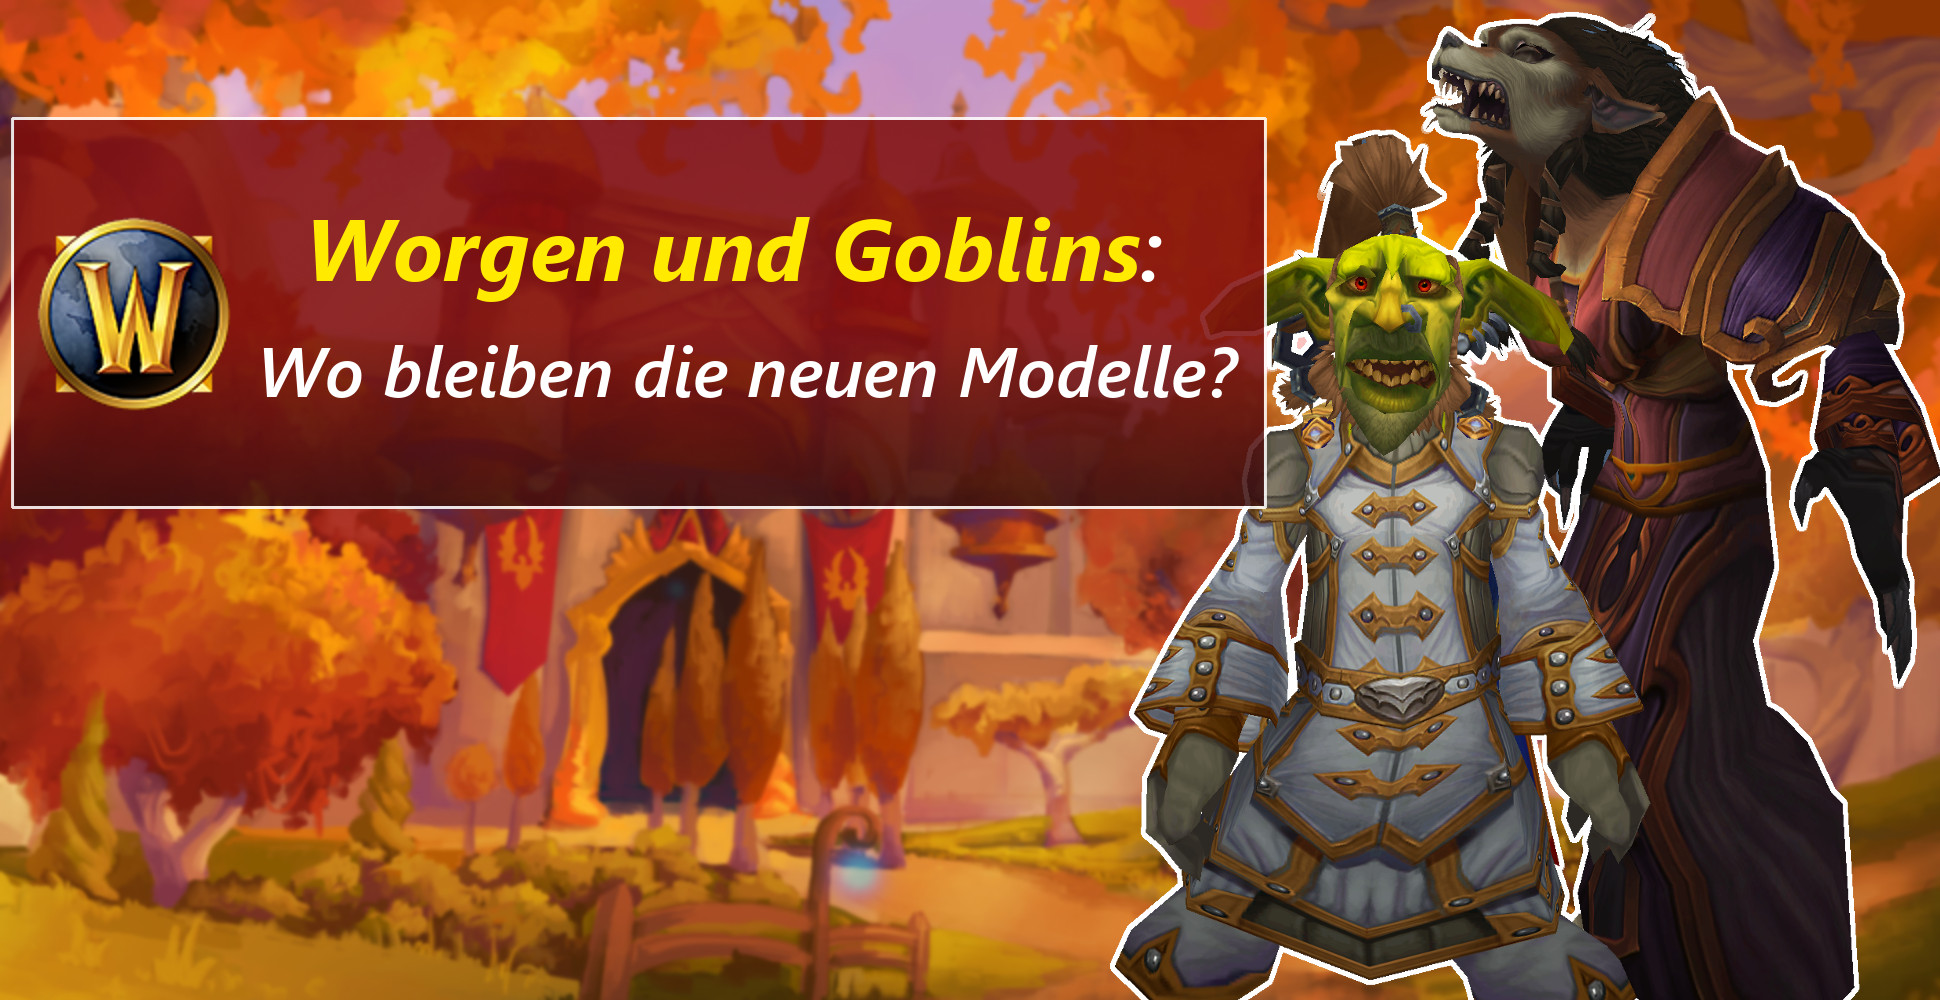 Neue Modelle für Worgen und Goblins mit WoW: Battle for Azeroth?